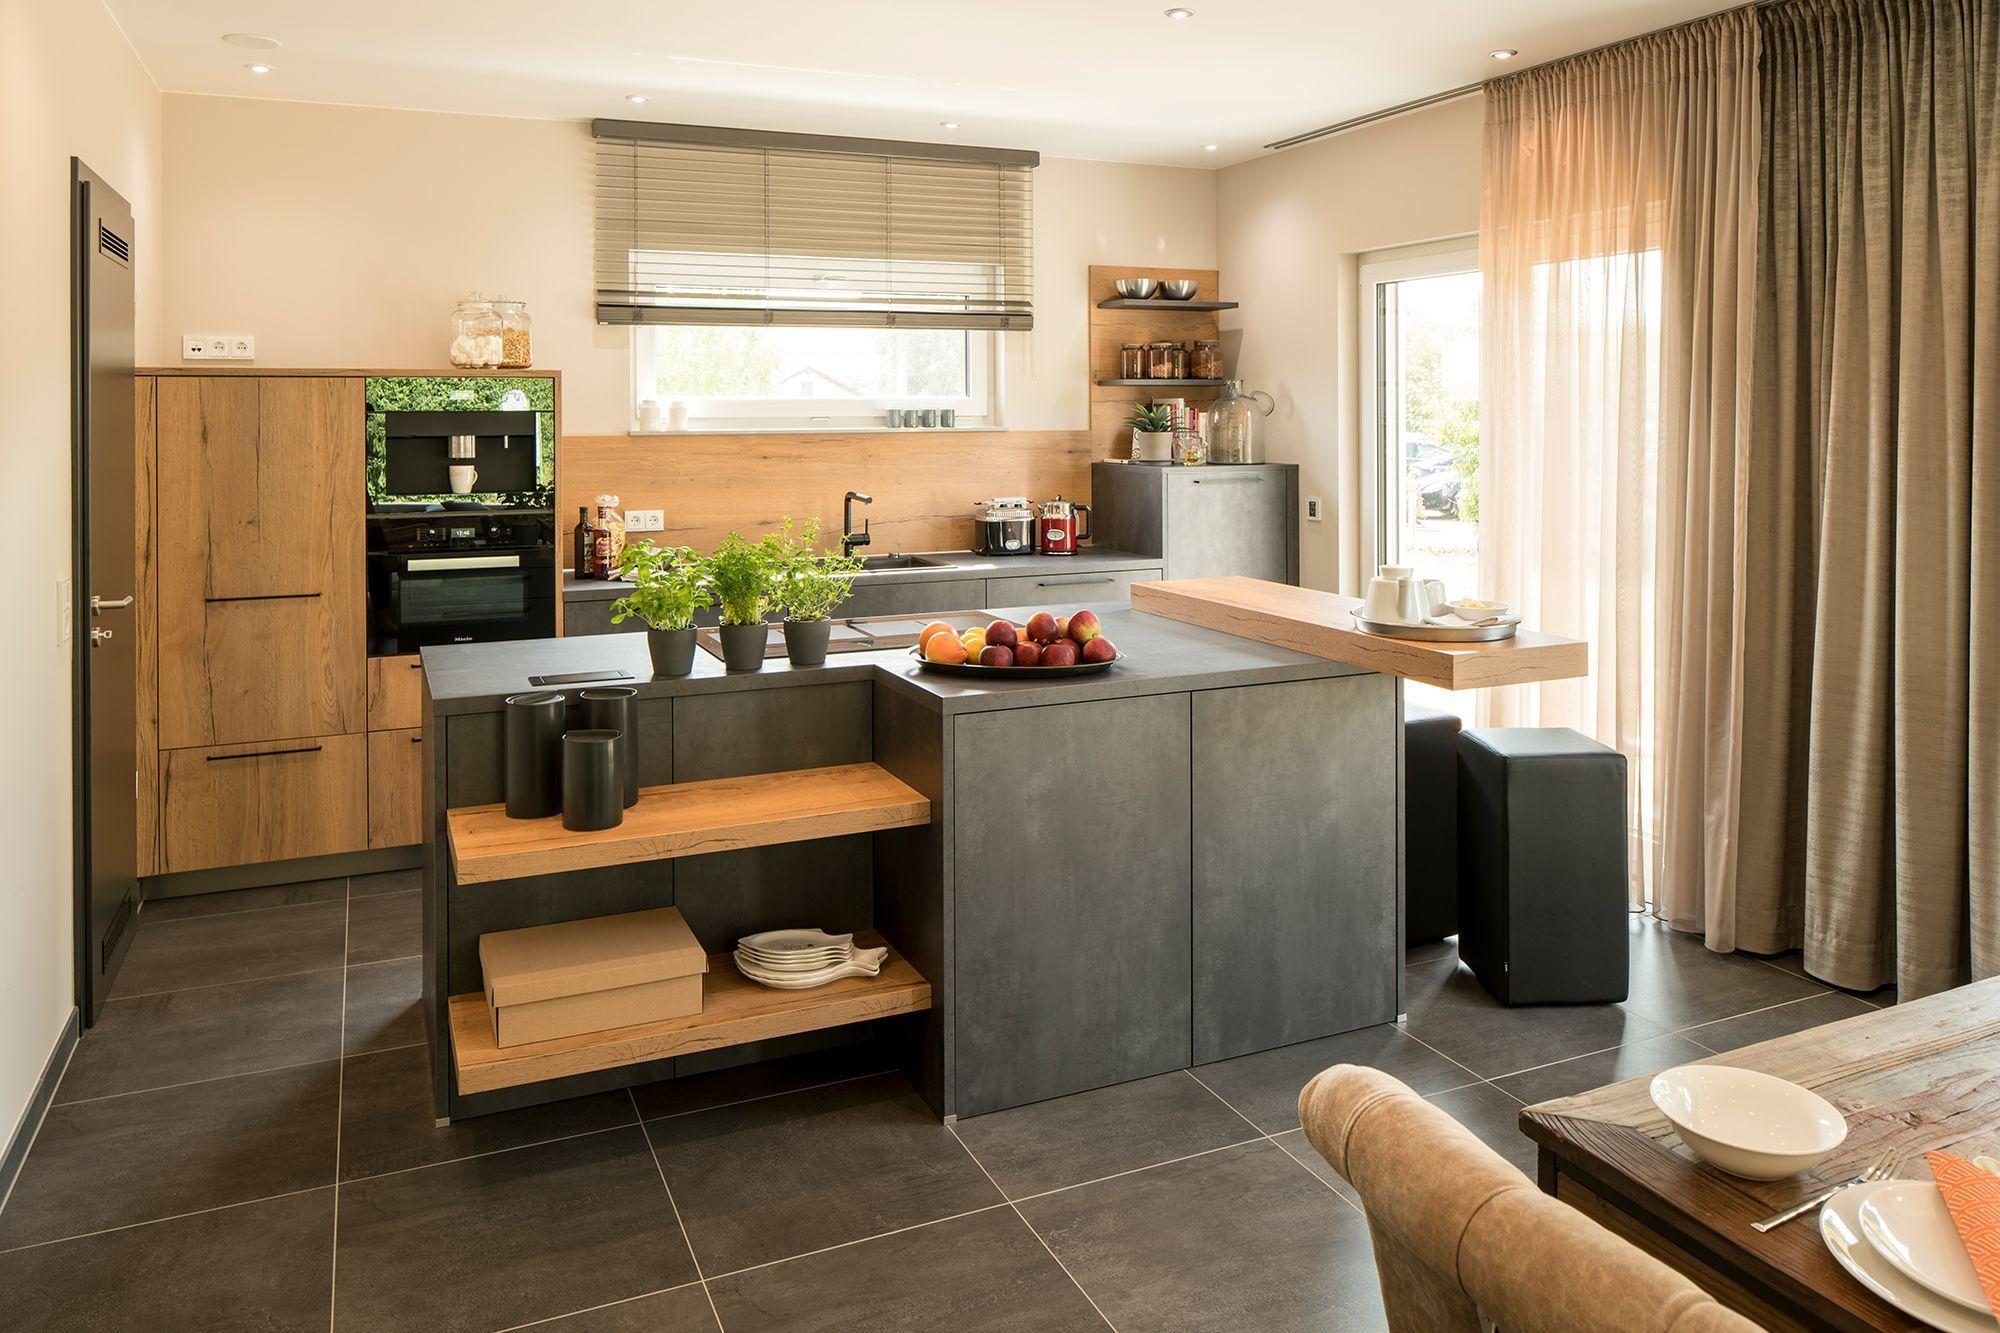 Wohnideen Küche Mit Grauen Fliesen Grau Braune Einrichtung Und Bodentiefe Fenster Wohnungküche Wohnideen Küche Mit Gr Haus Küchen Fingerhaus Fertighäuser